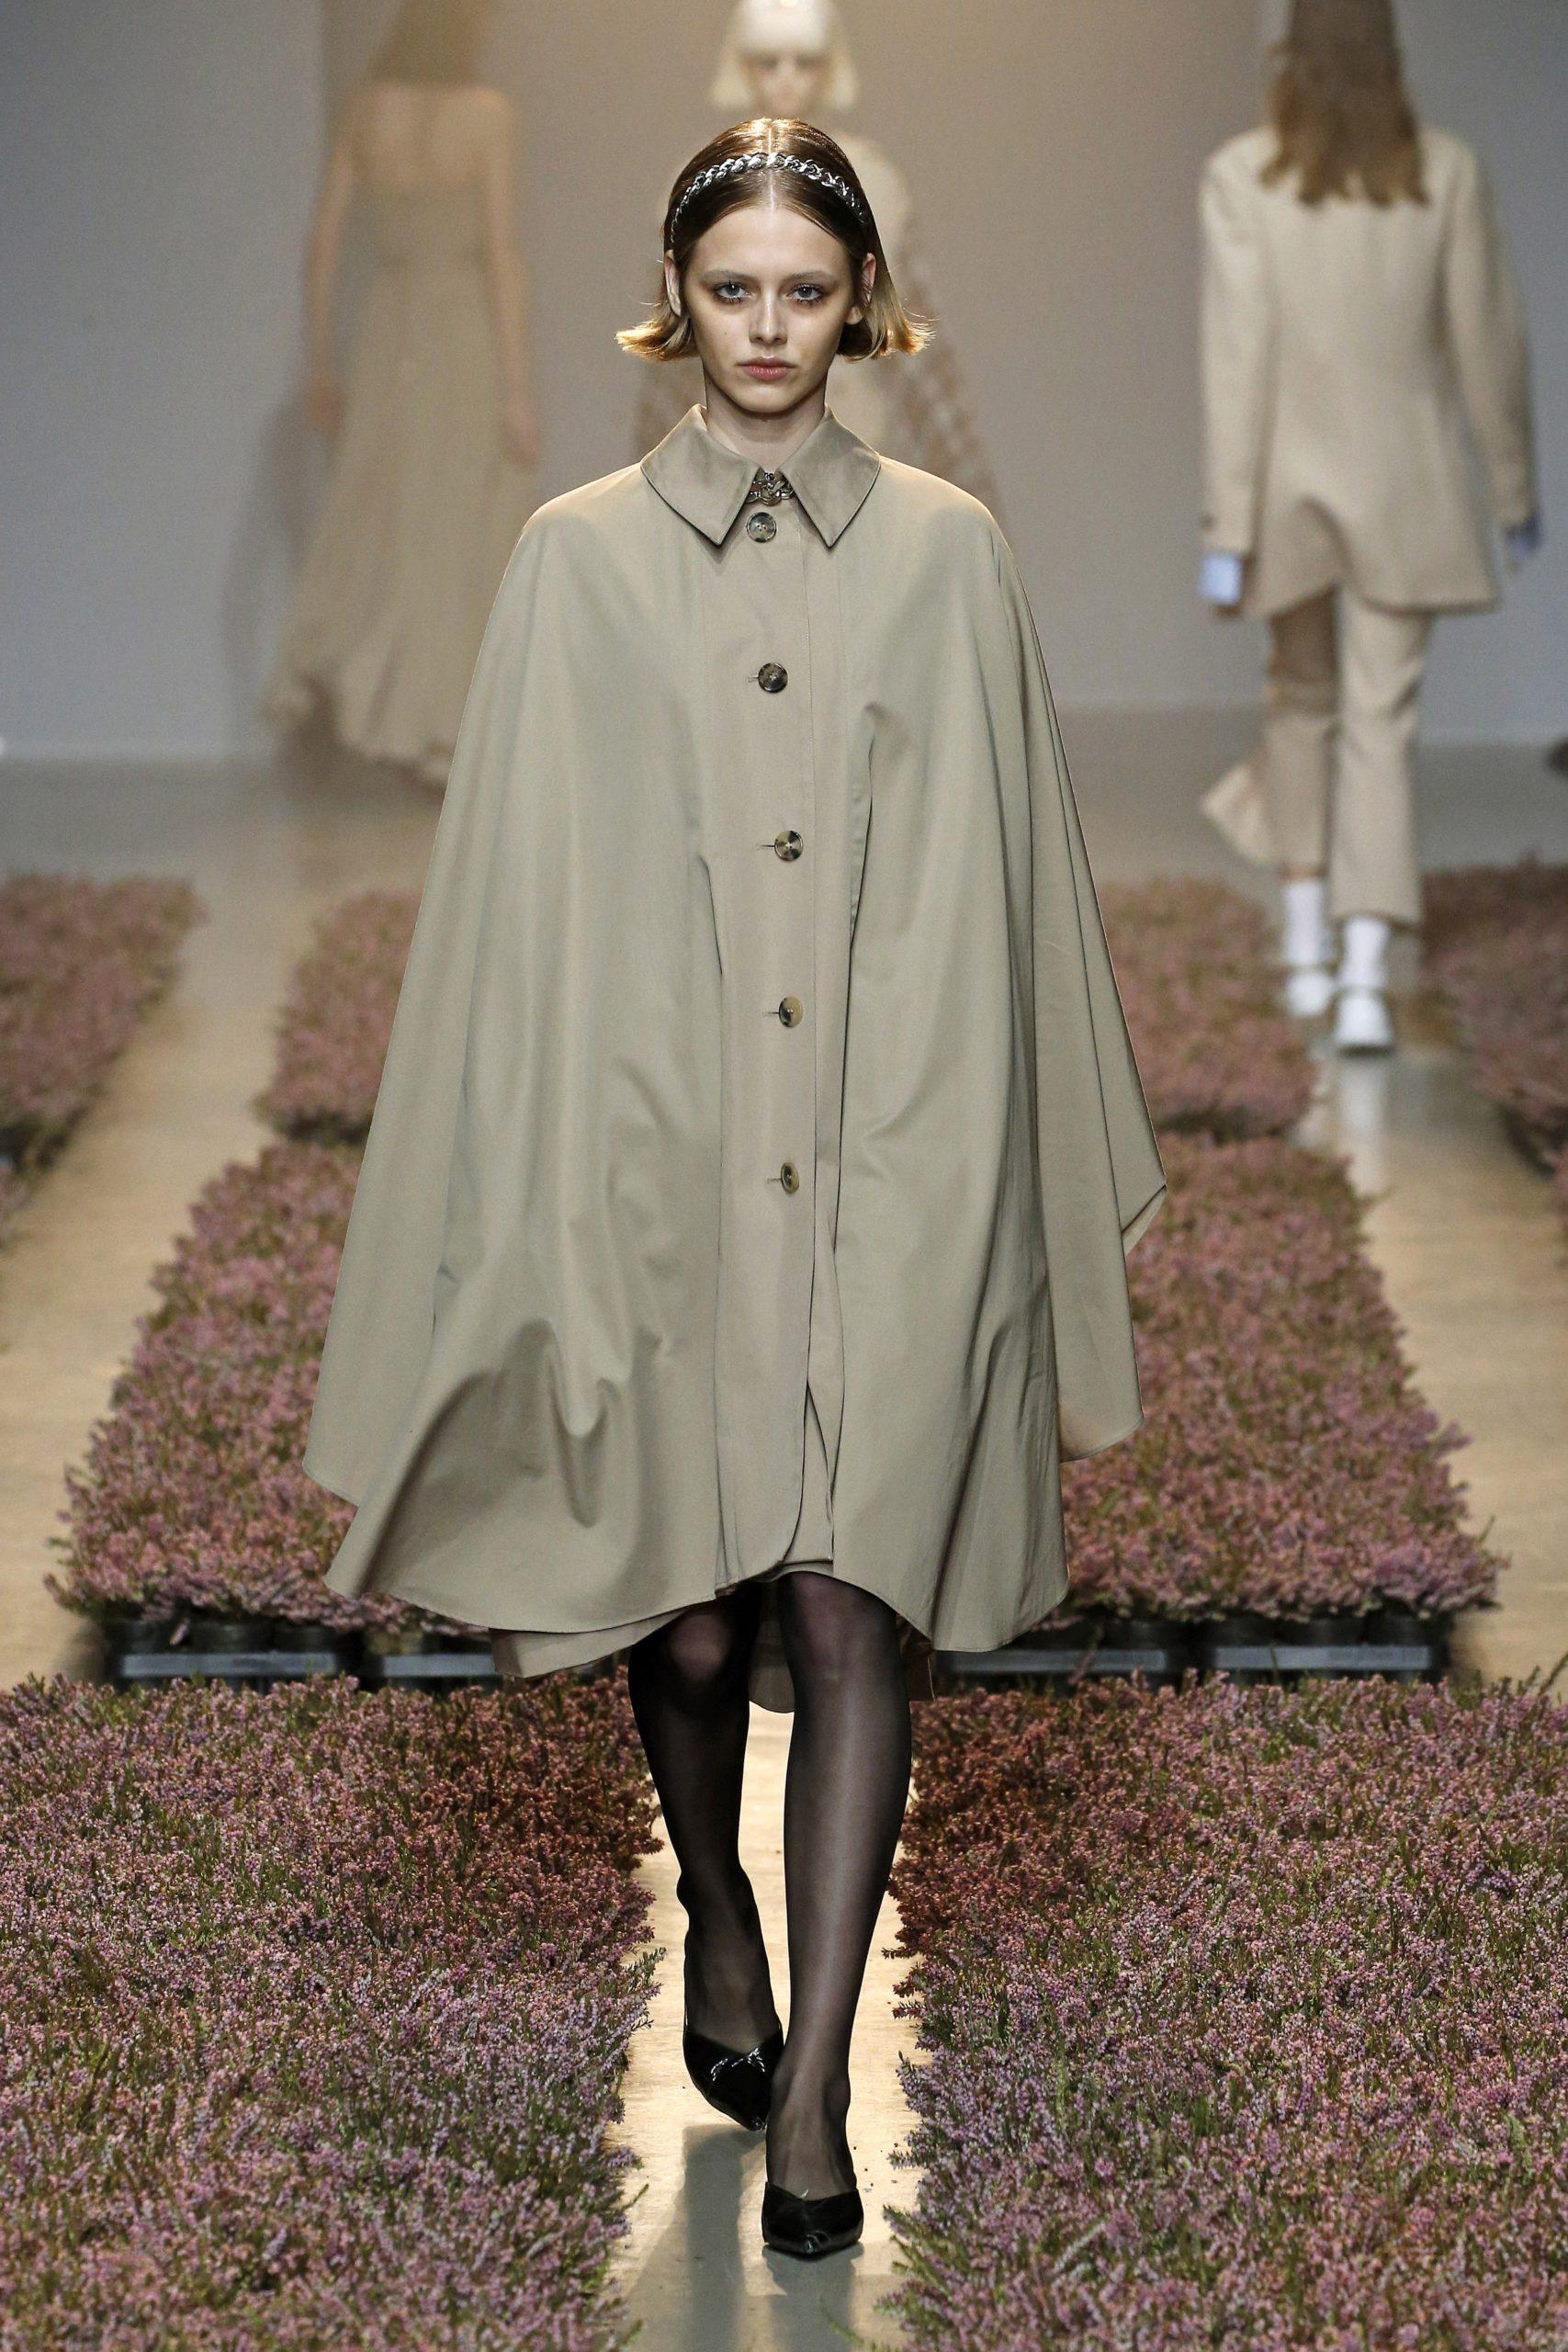 модный тренд плащ осень 2020 оливковый хаки кейп оверсайз объемный